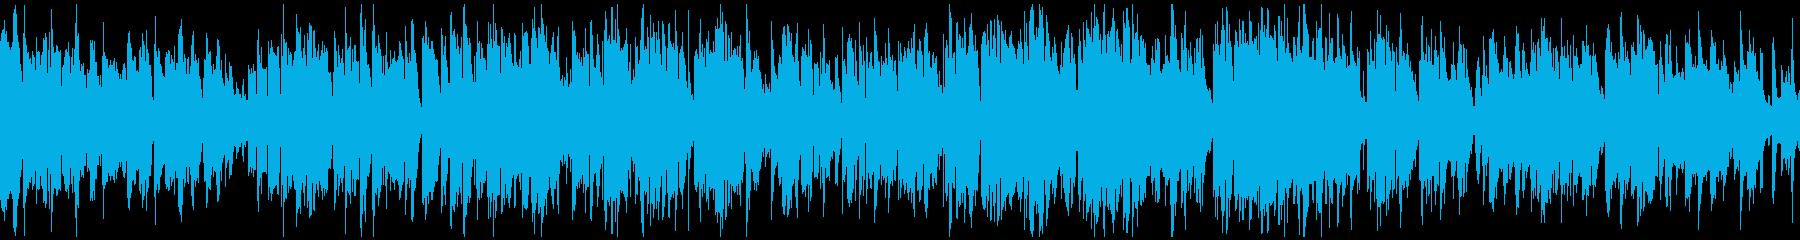 気持ちの良いテンポのジャズ ※ループ版の再生済みの波形